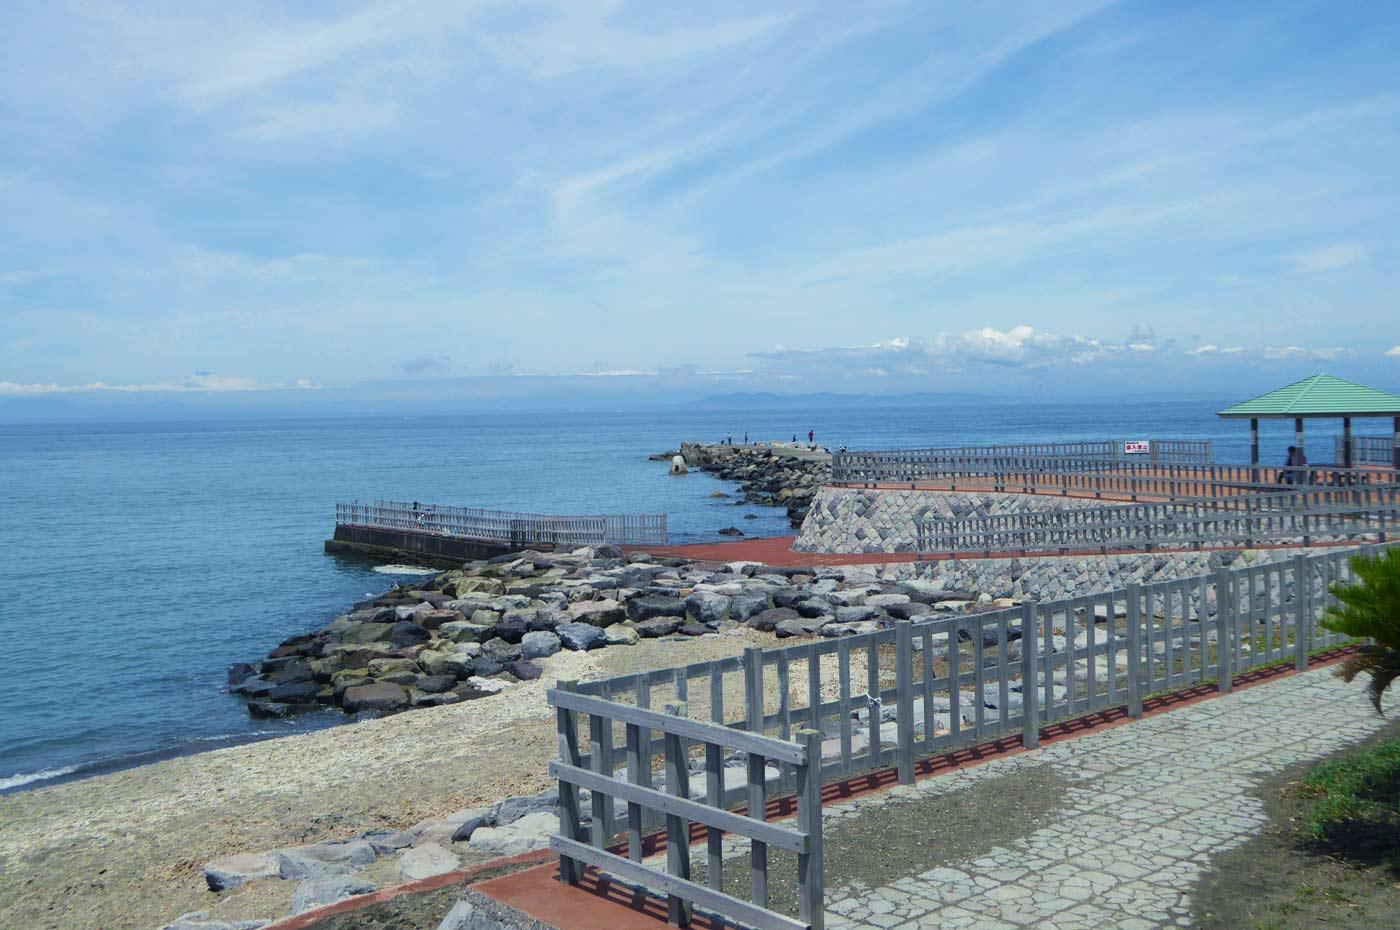 勝山海水浴場の竜ヶ崎堤防